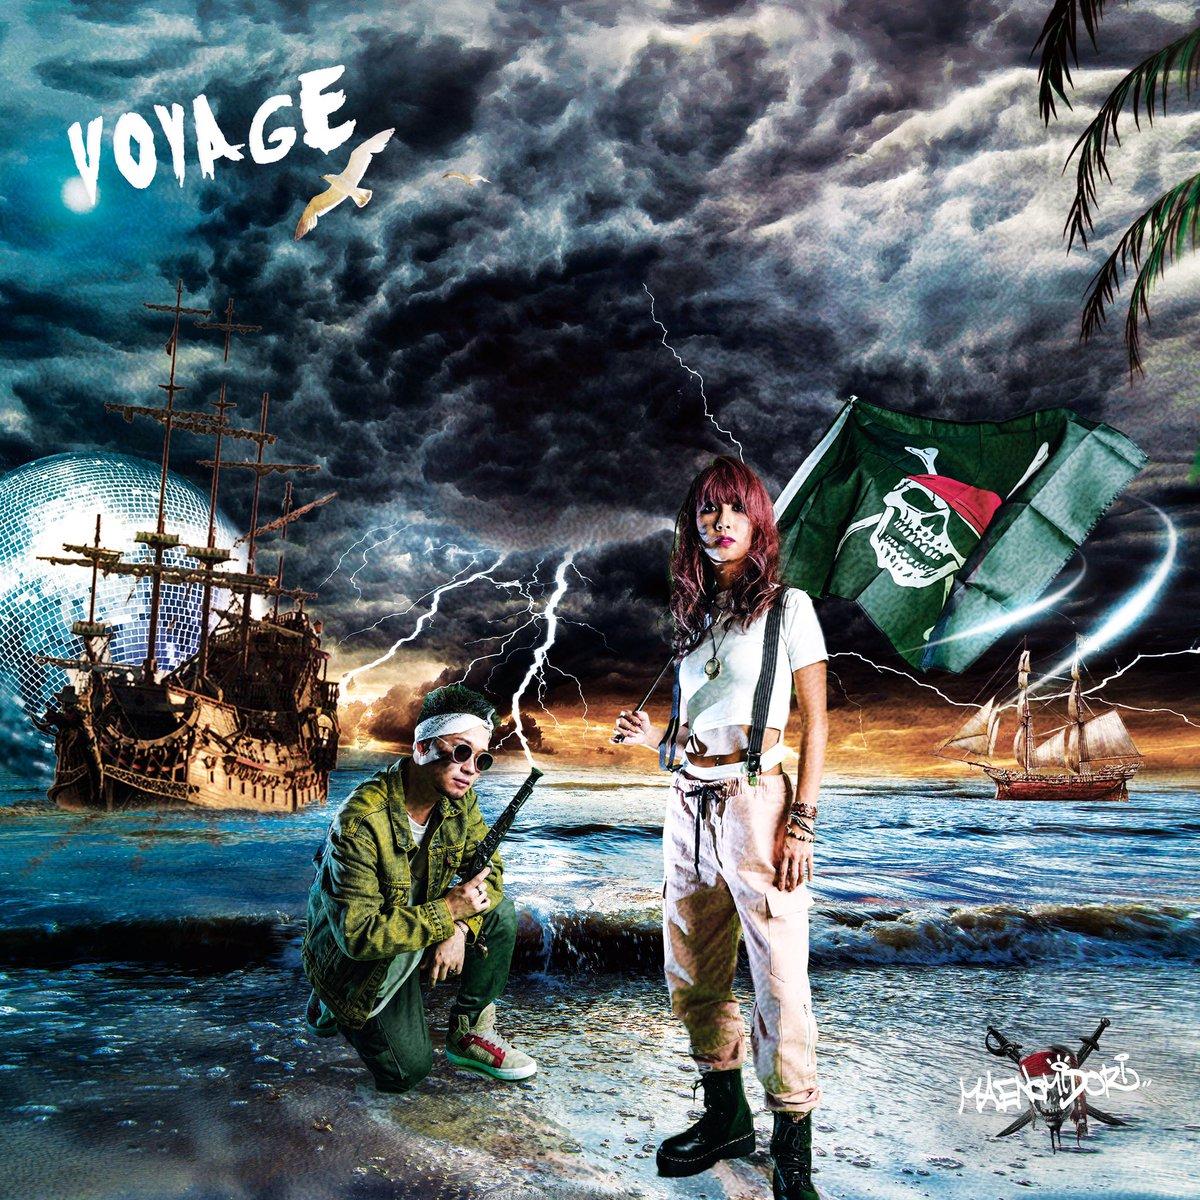 【新曲『Voyage』配信スタート❗️🏴⚓️】本日12/4(水)、SPACE SHOWER MUSICよりマエノミドリの新曲『Voyage』が配信リリース開始しました!🎉👫🍦マエノミドリ結成5周年を記念して、今までの音楽生活を航海やゲームのように例えて歌詞にしました!GETしてね✨